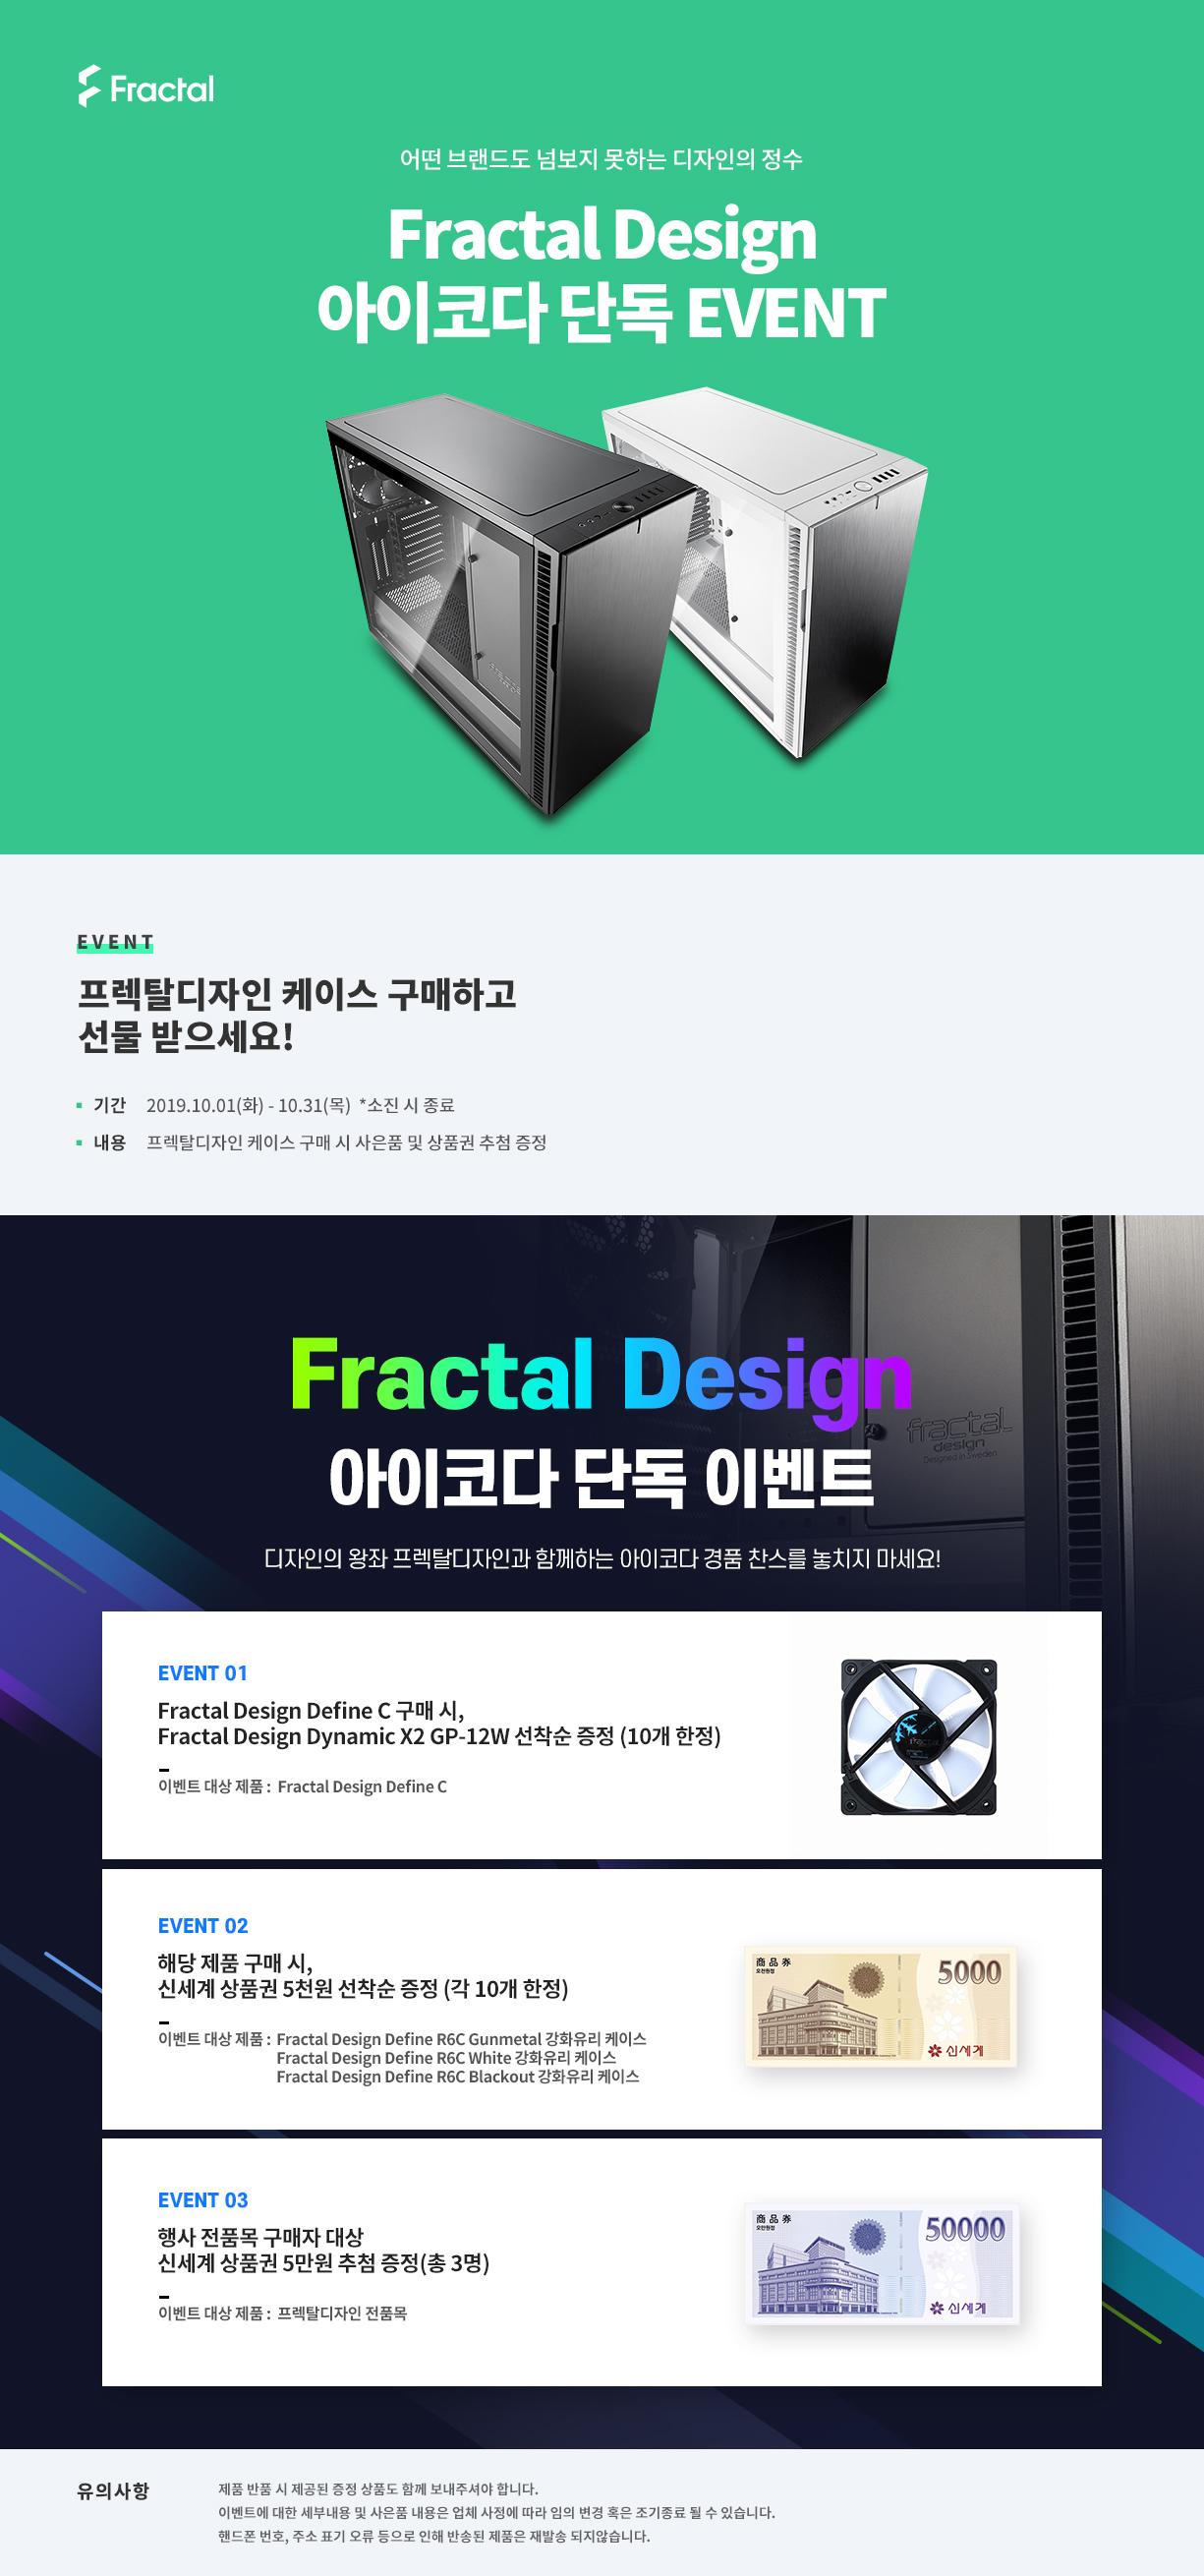 프렉탈디자인의 정수 !! 지정 PC케이스 시리즈 구매시 사은품 증정, 아이코다 단독 이벤트 !!